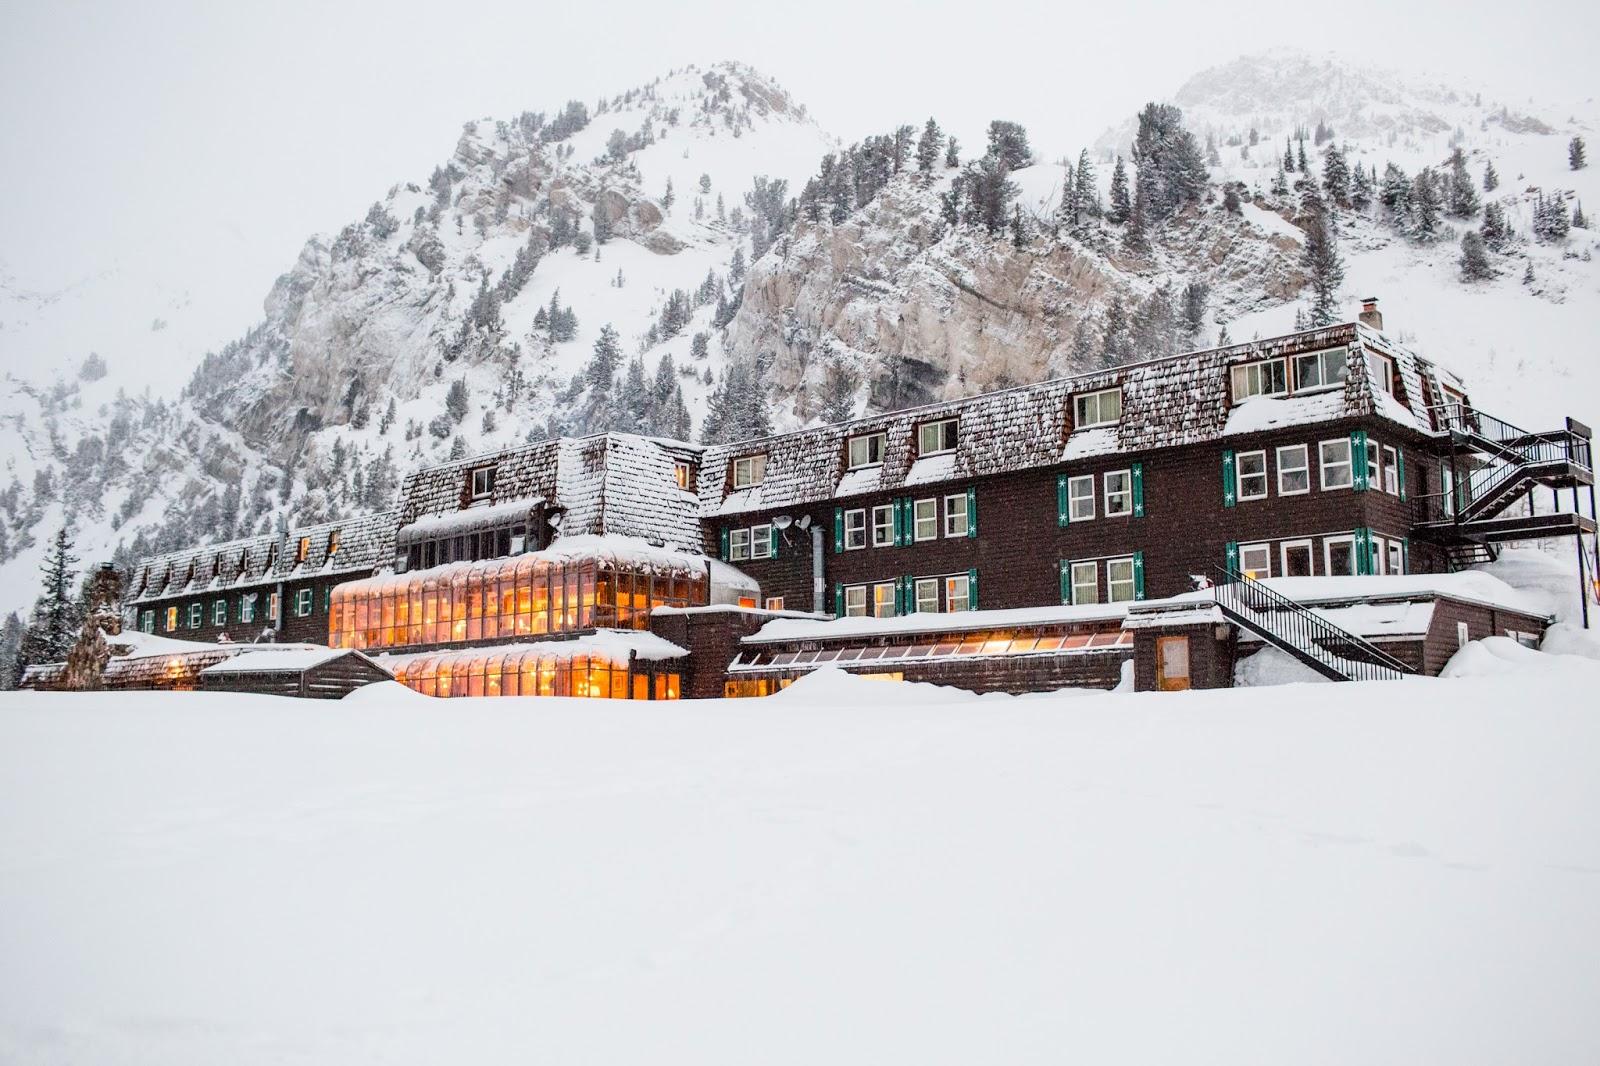 alta peruvian lodge courtesy of alta ski area